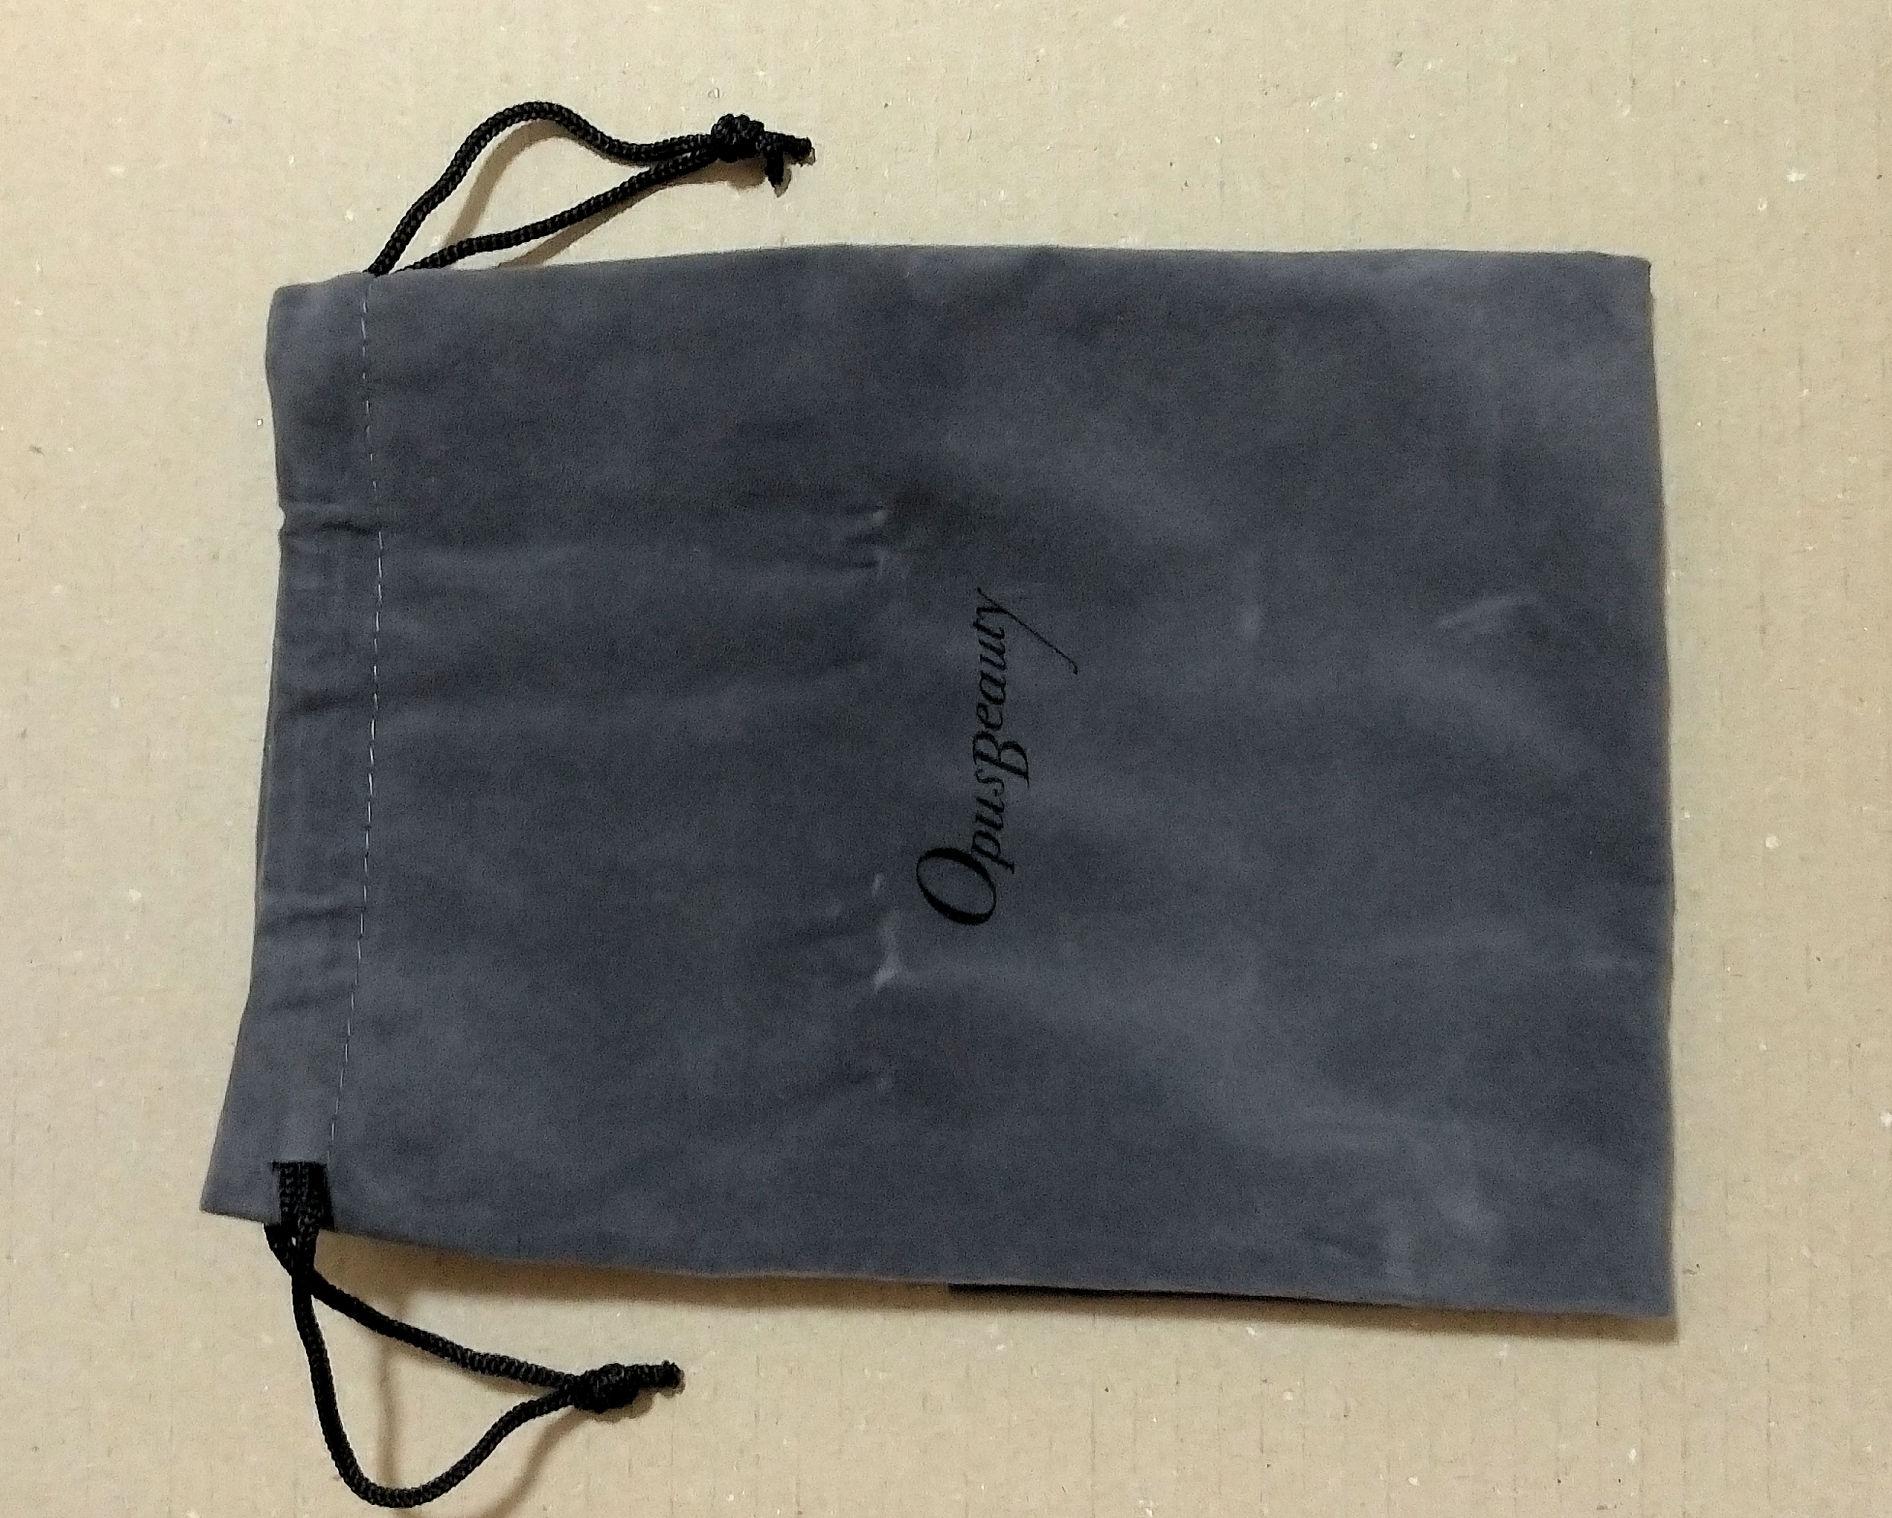 脱毛器 オーパスビューティー03の付属ポーチ袋